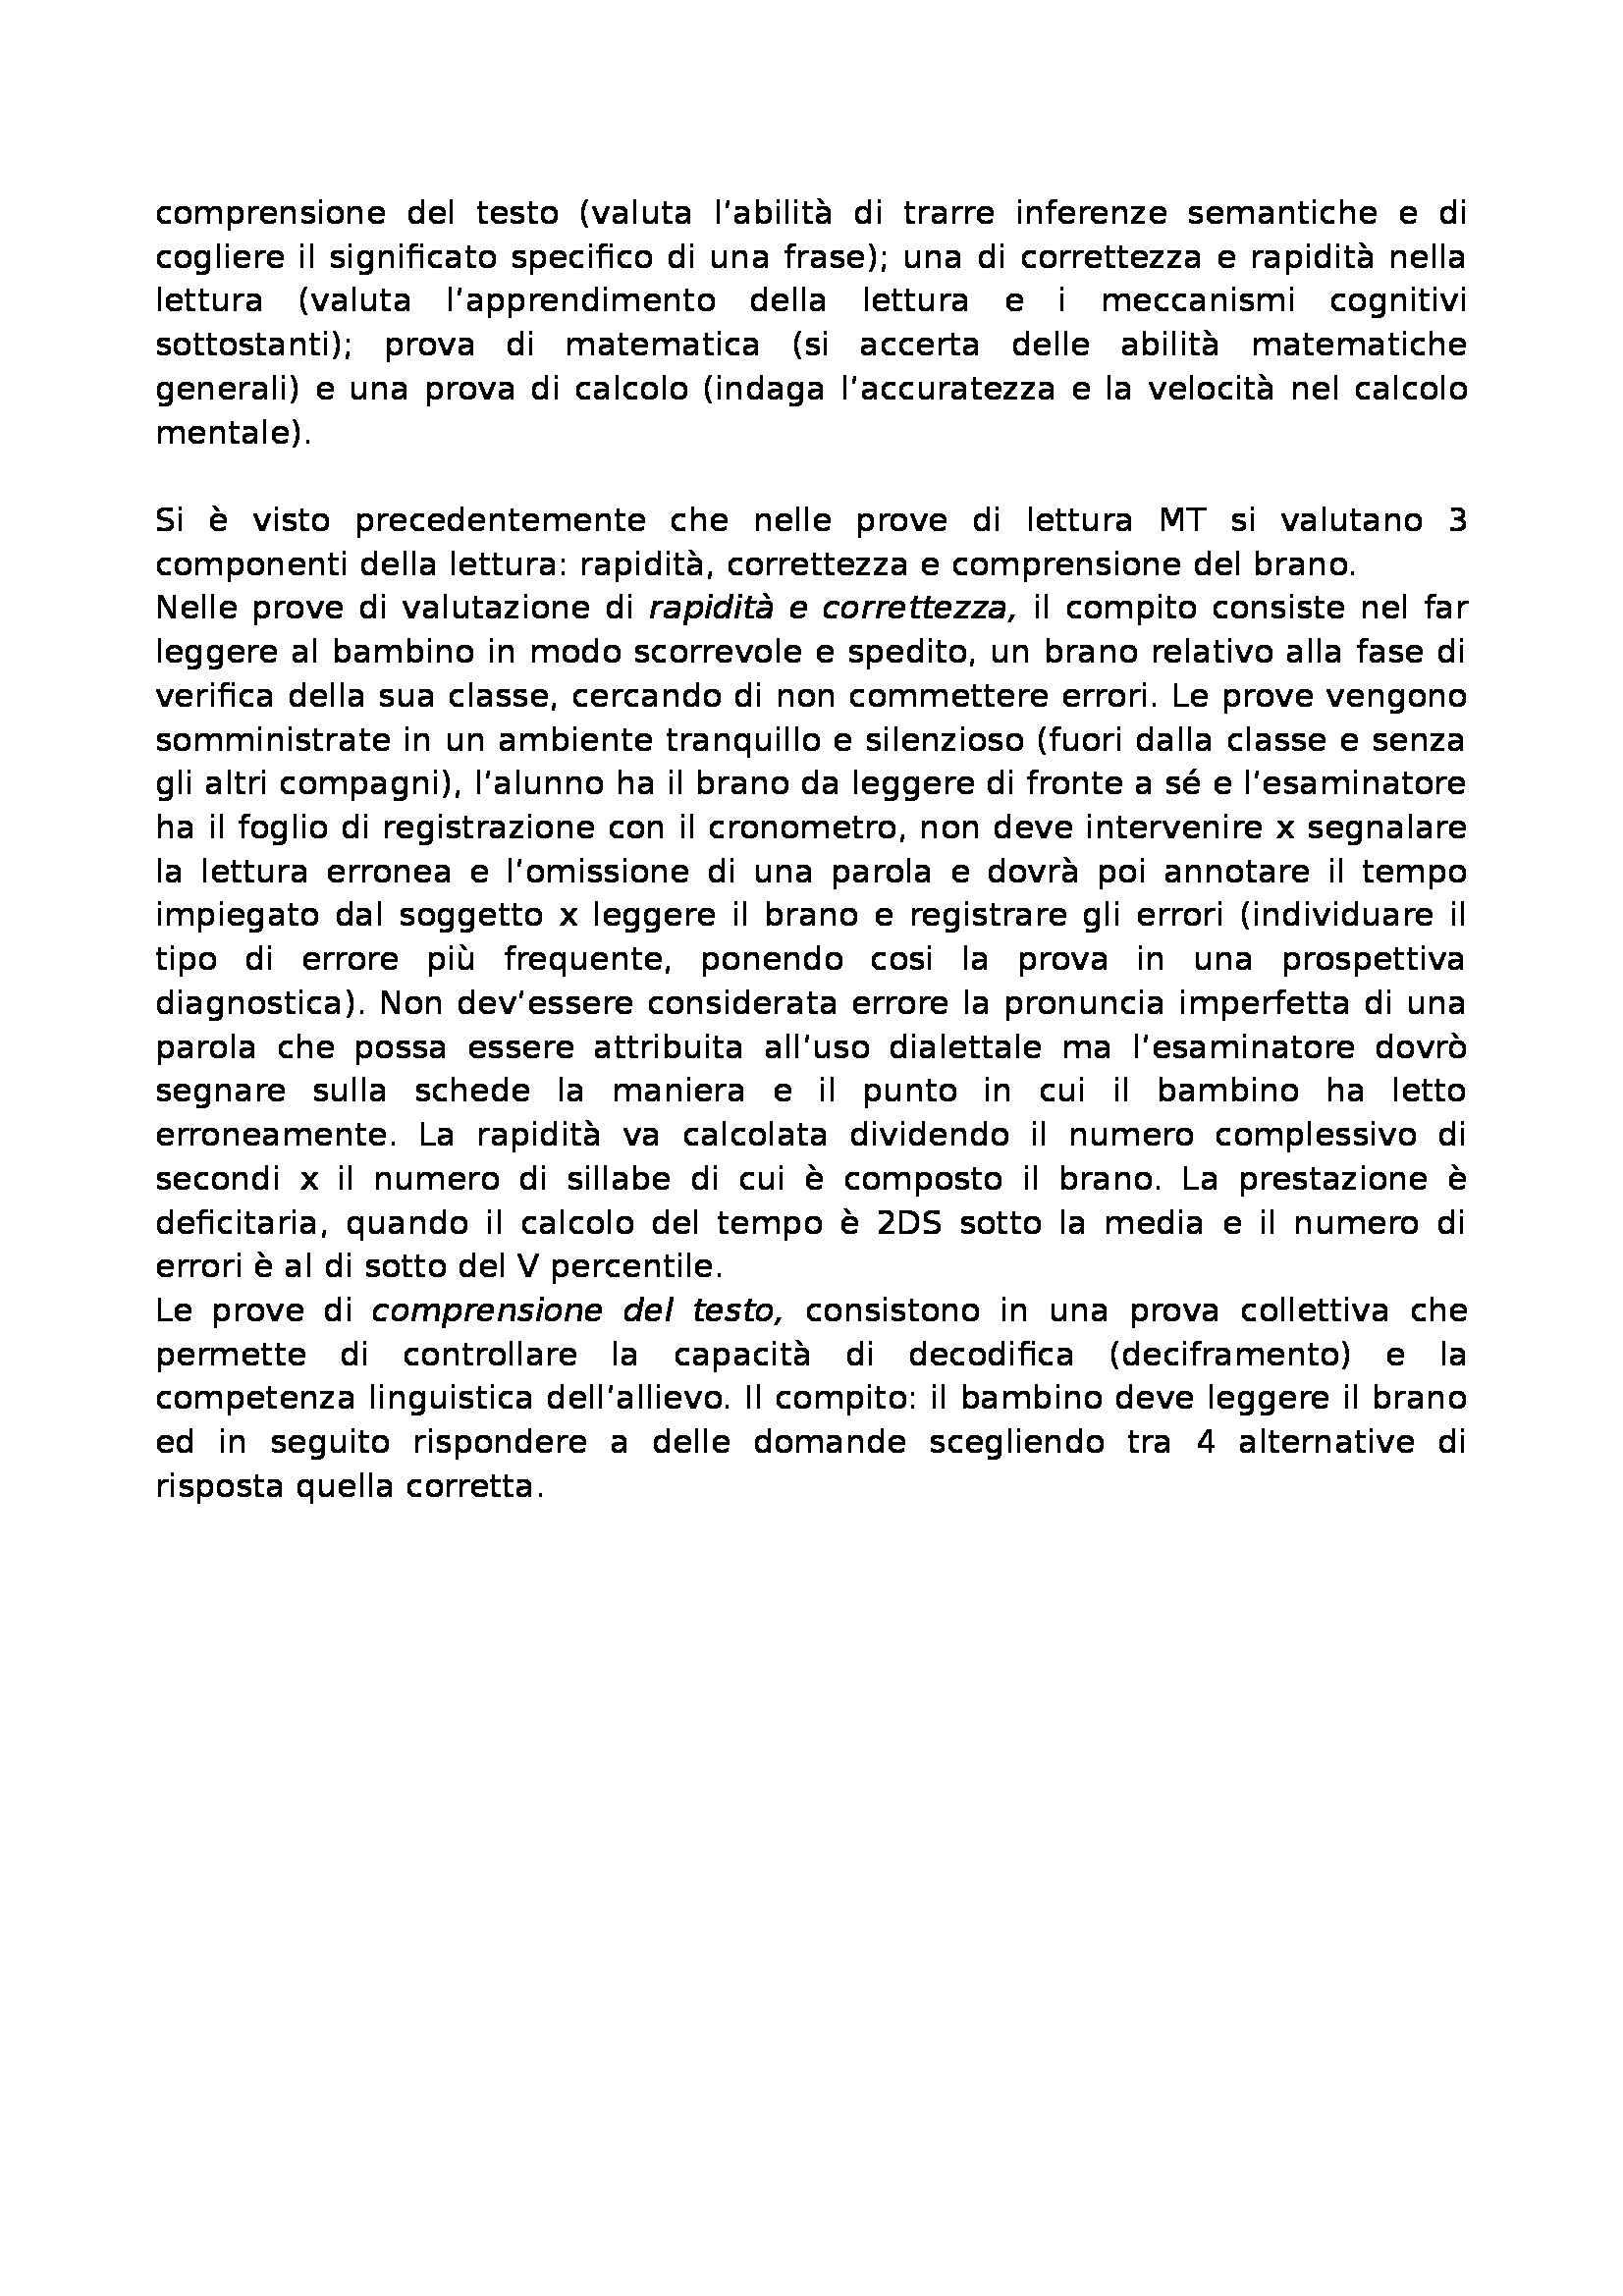 Valutazione dei disturbi dell'apprendimento e della memoria - test di memoria e di intelligenza Pag. 16